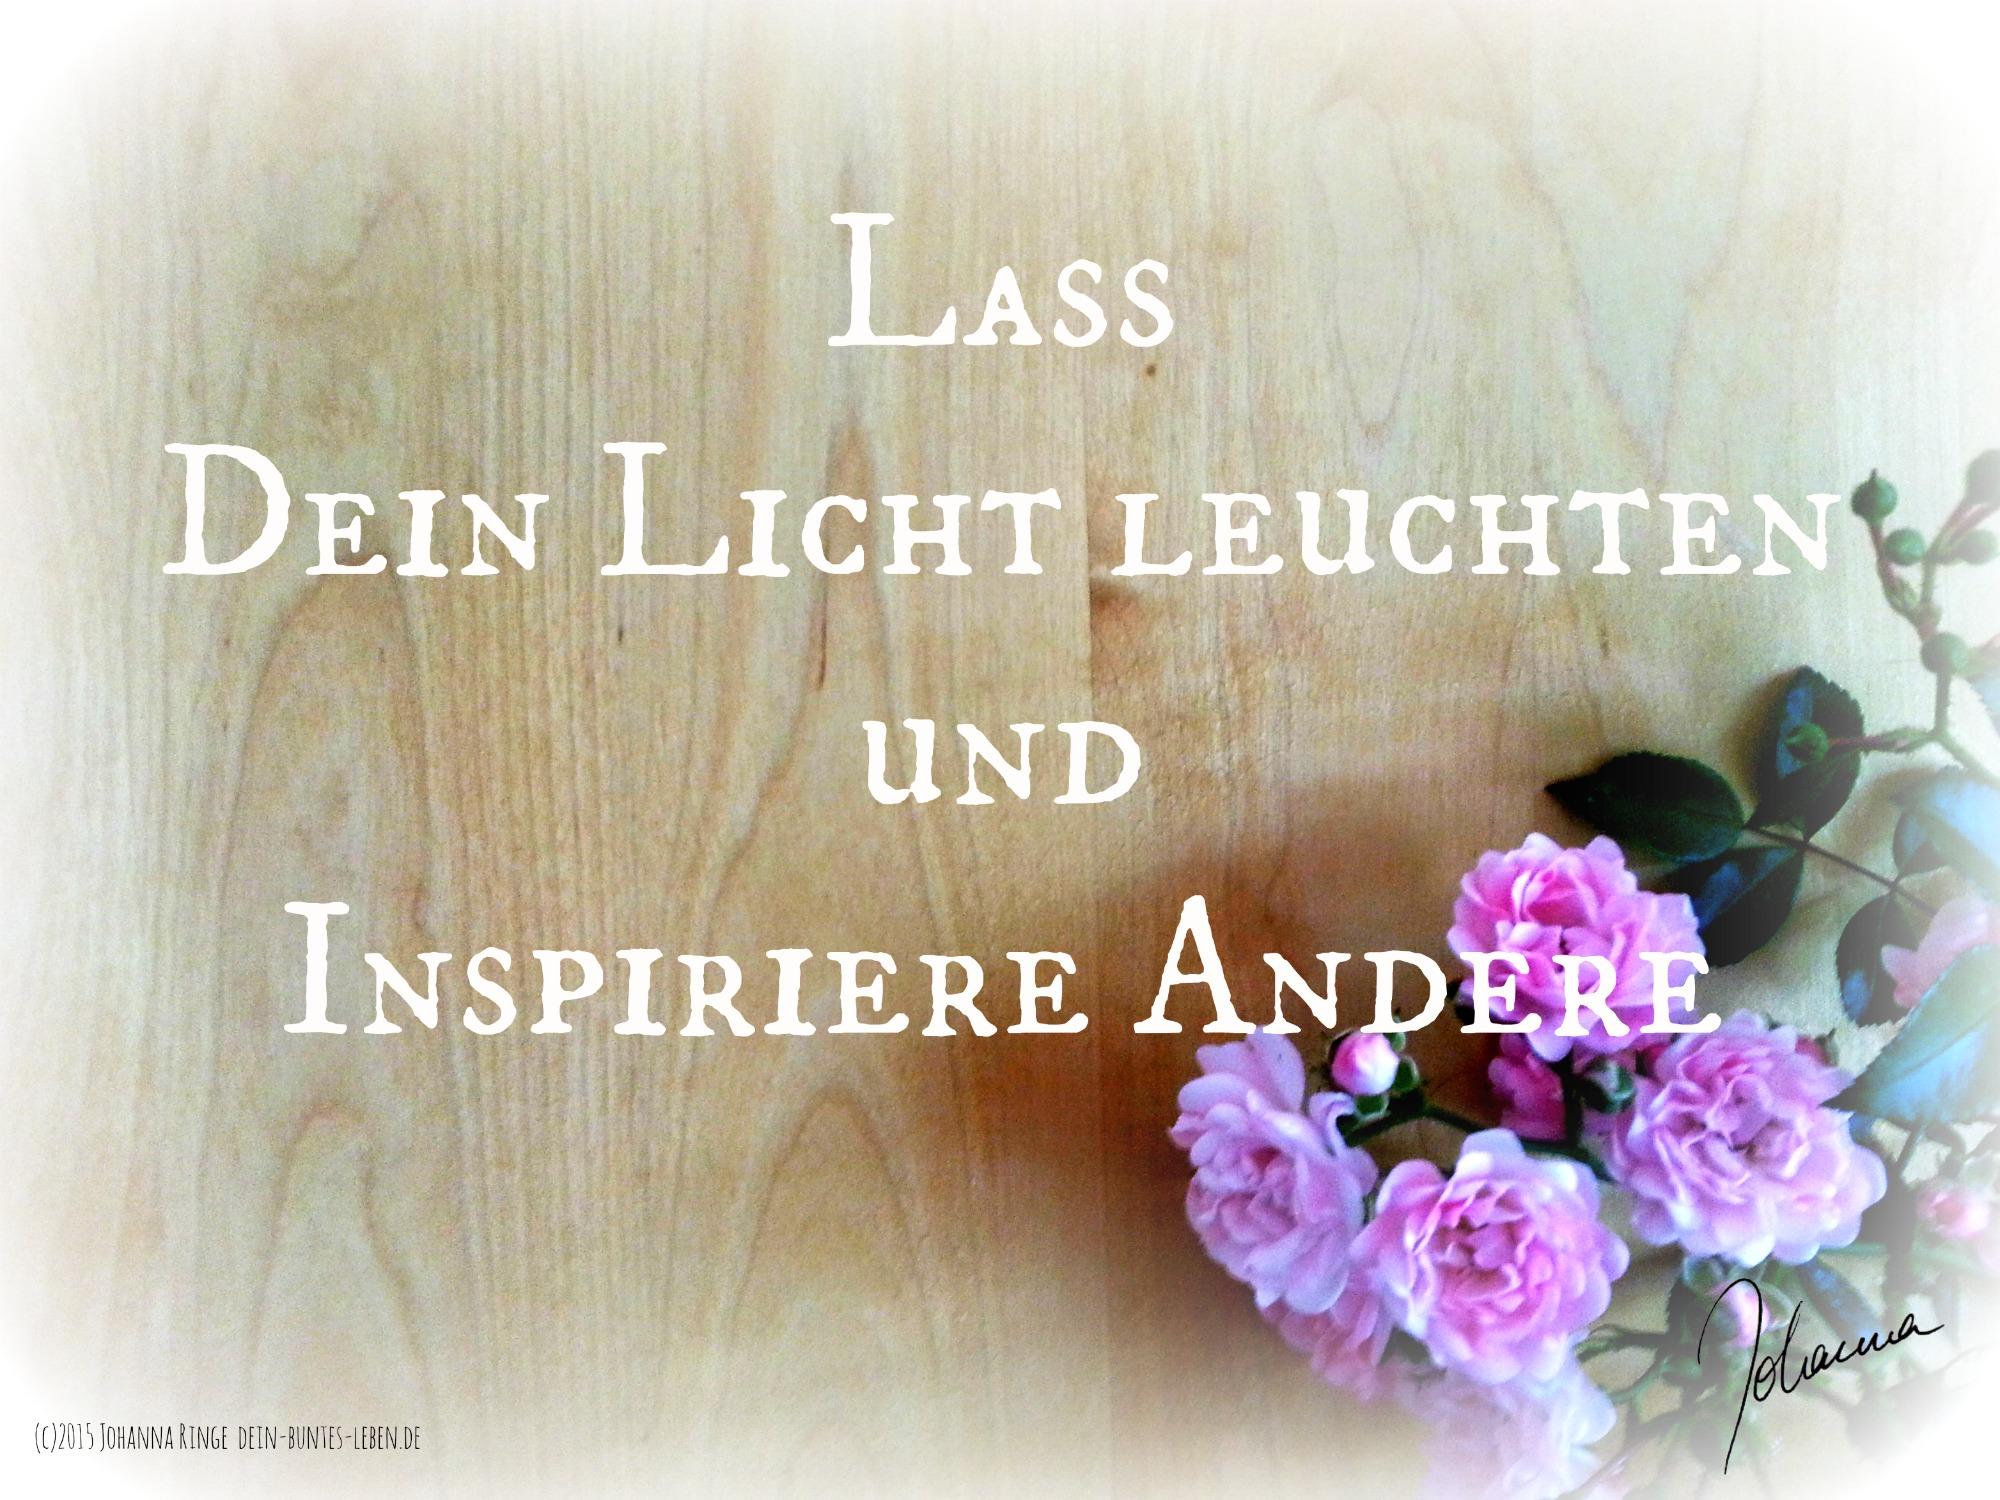 Leuchte hell als hochbegabte Vielbegabte! (c)Johanna Ringe 2015 dein-buntes-leben.de